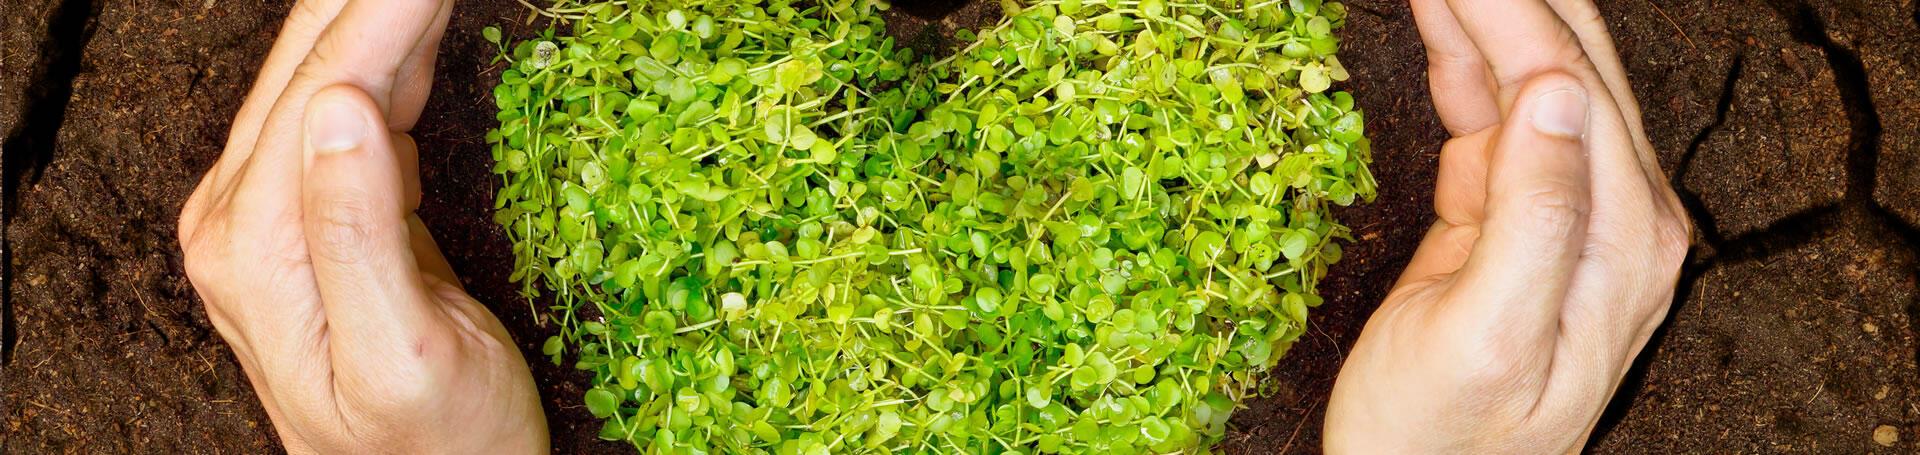 greenvillagecesenatico en services-green 011